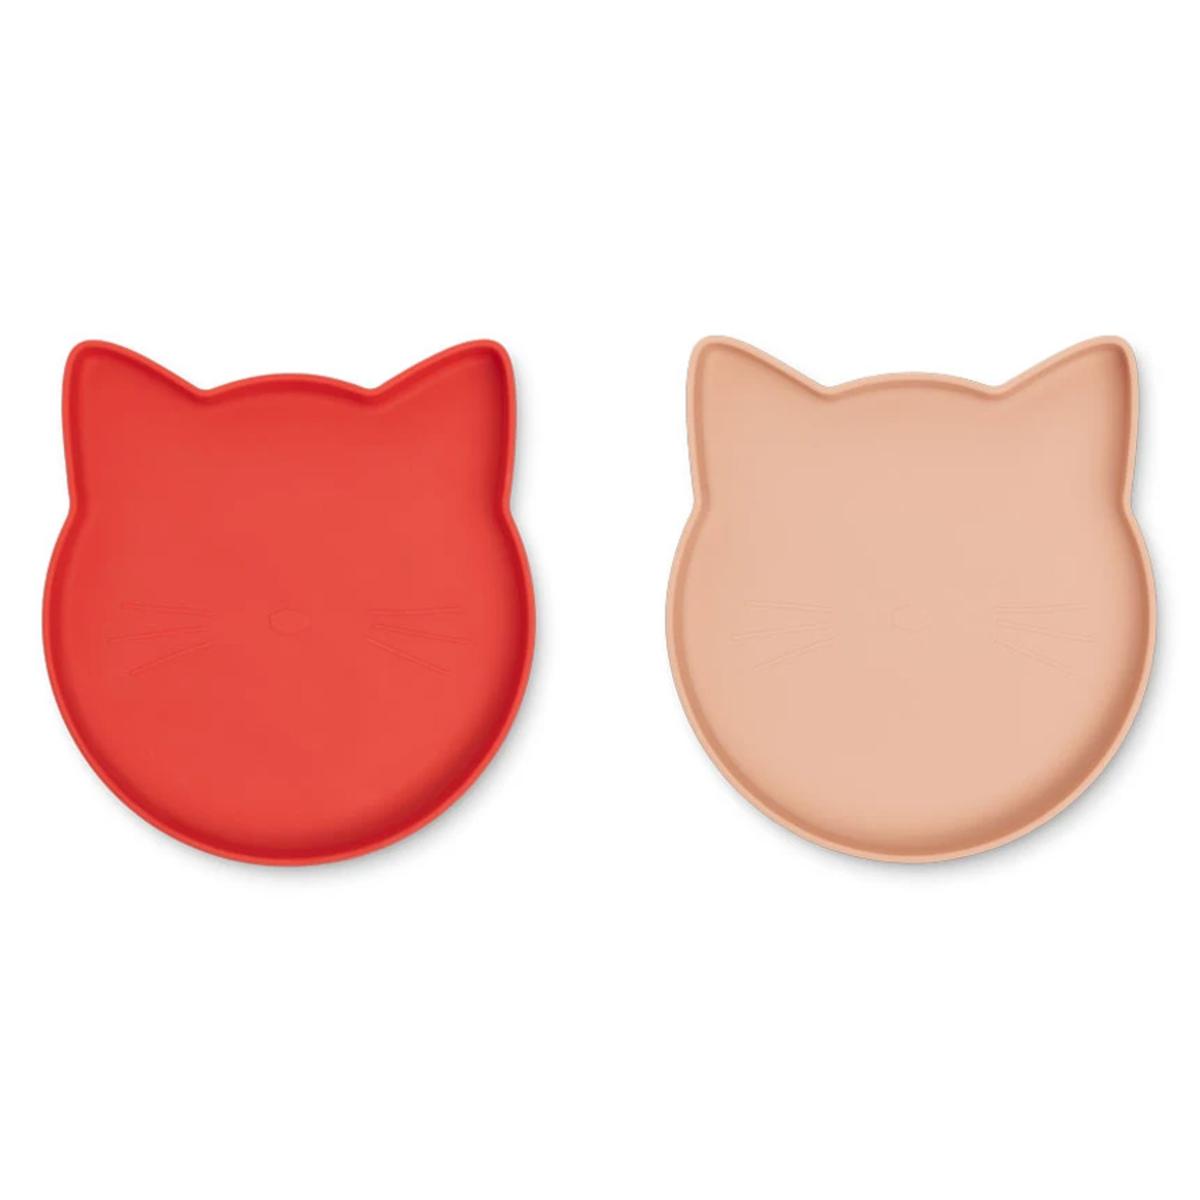 Vaisselle & Couvert Lot de 2 Assiettes Olivia Marty - Cat Apple Red Tuscany Rose Mix Lot de 2 Assiettes Olivia Marty - Cat Apple Red Tuscany Rose Mix